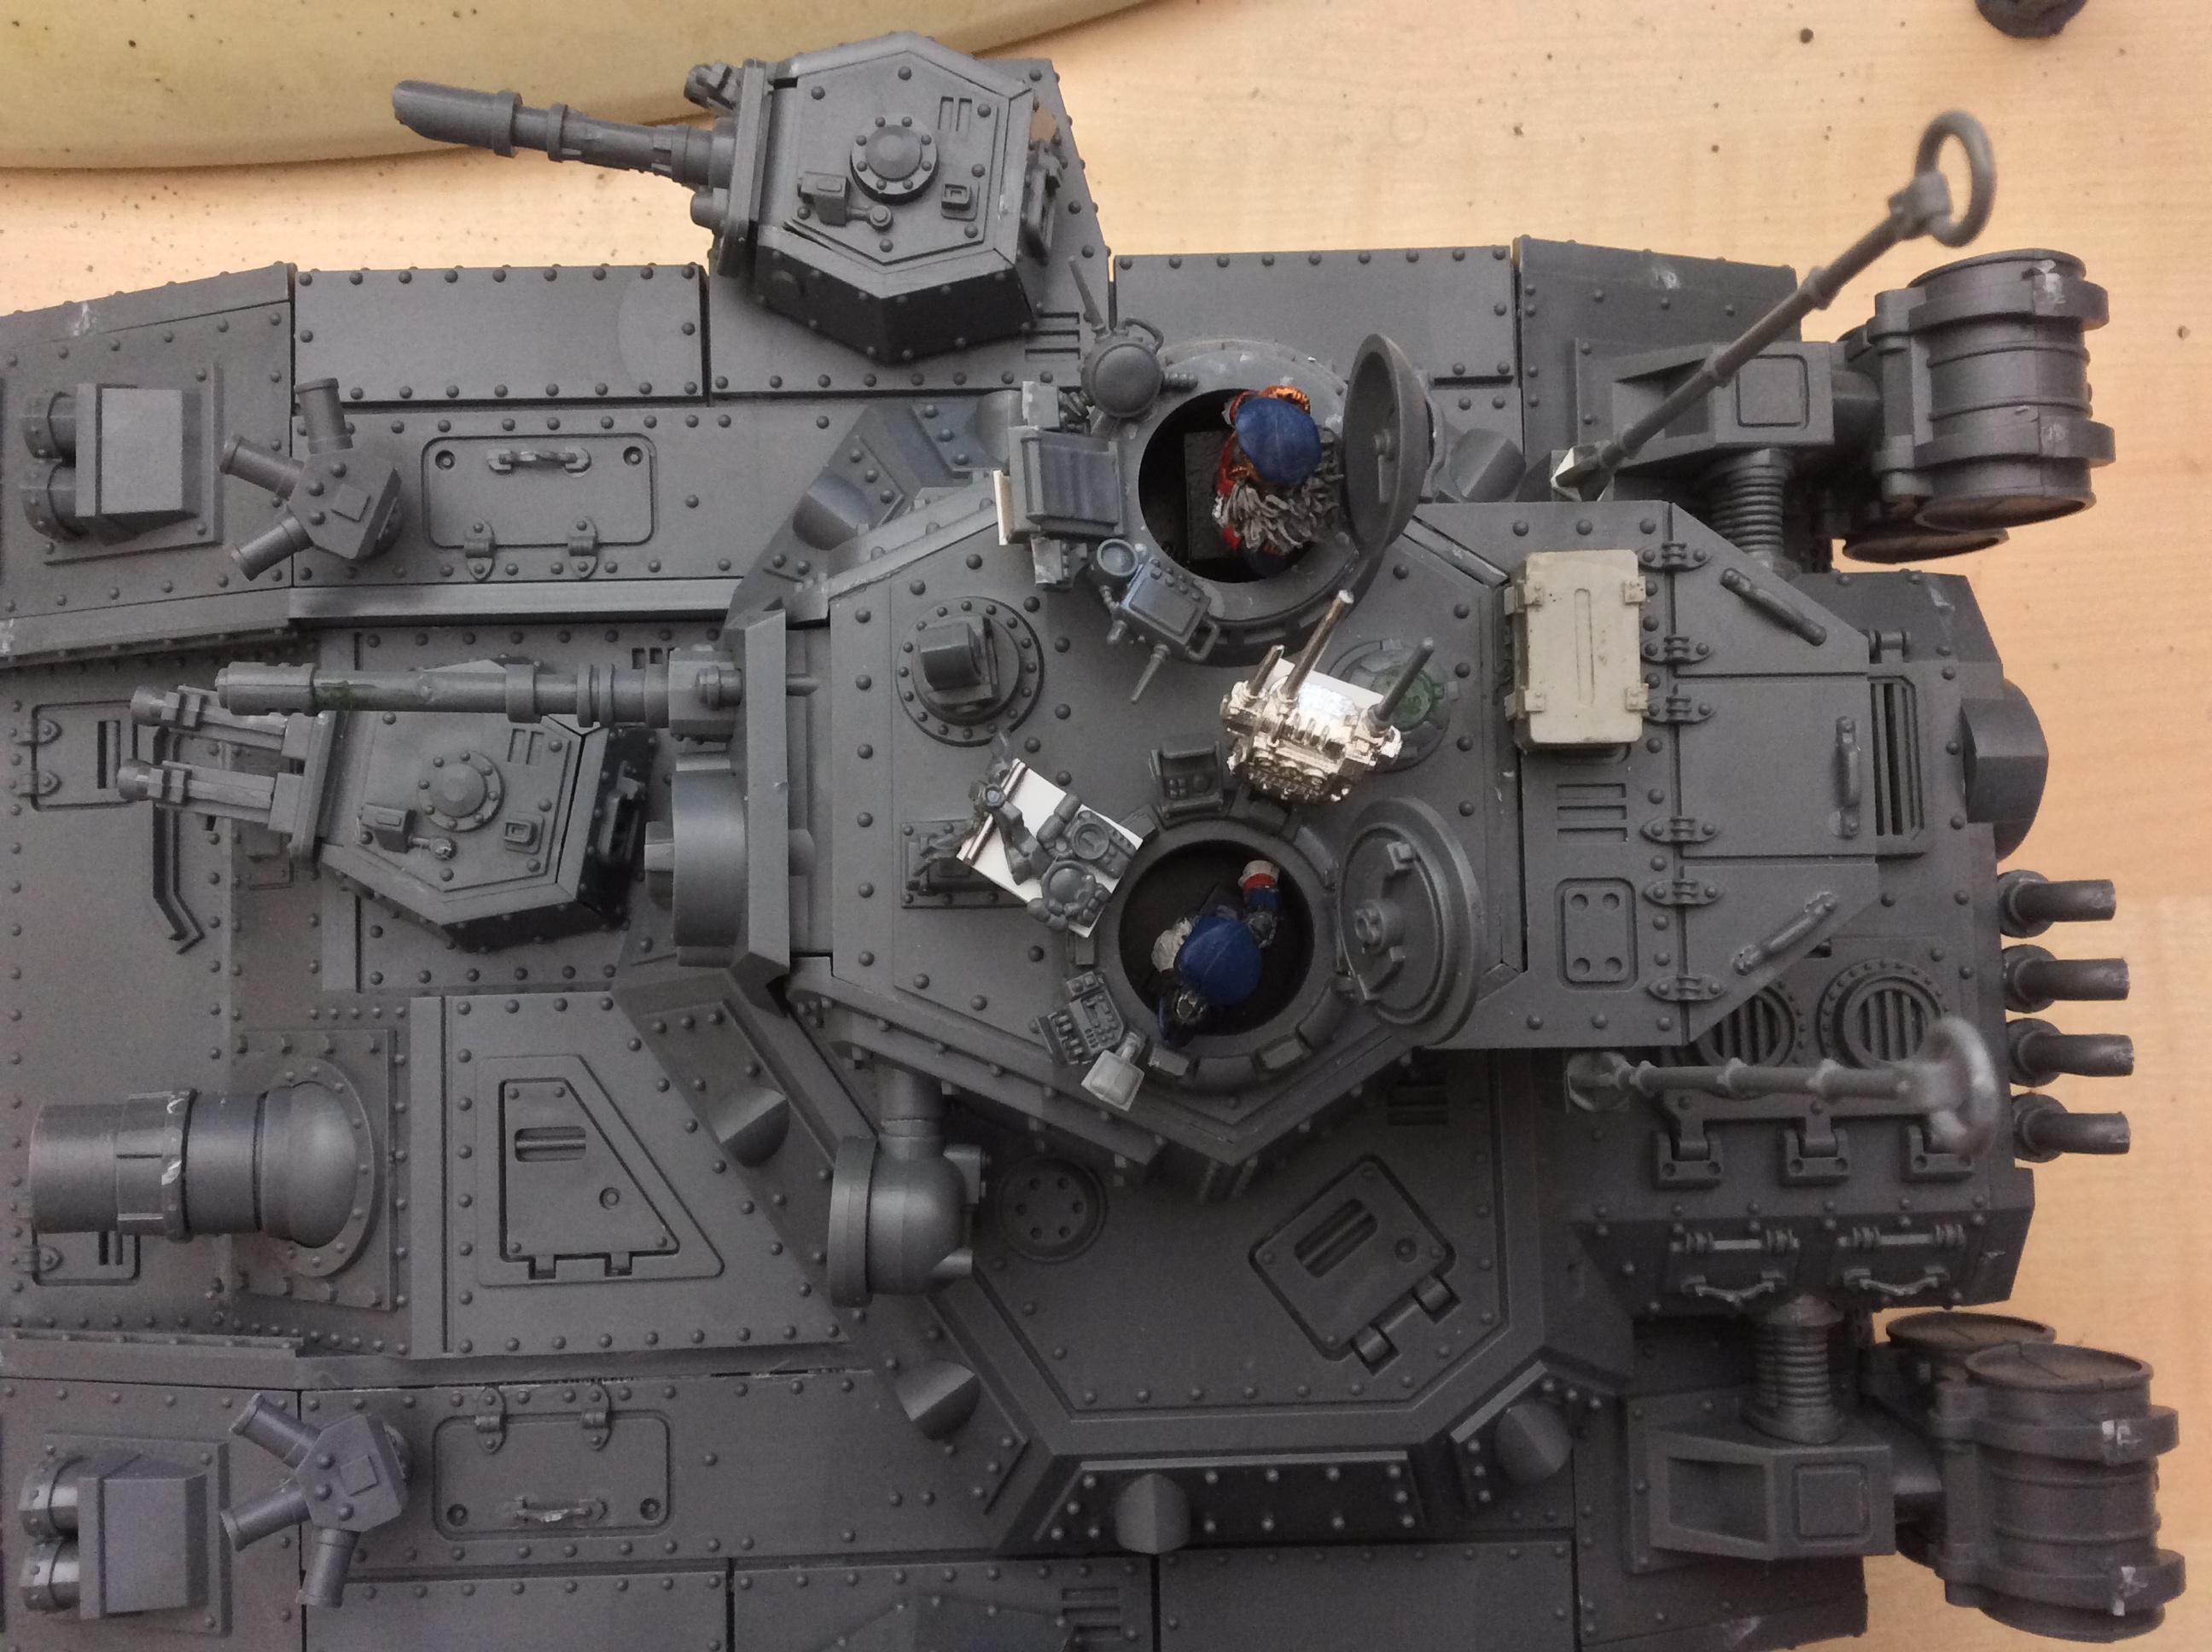 Astra Militarum, Baneblade, Crusade, Imperial Guard, Warhammer 40,000